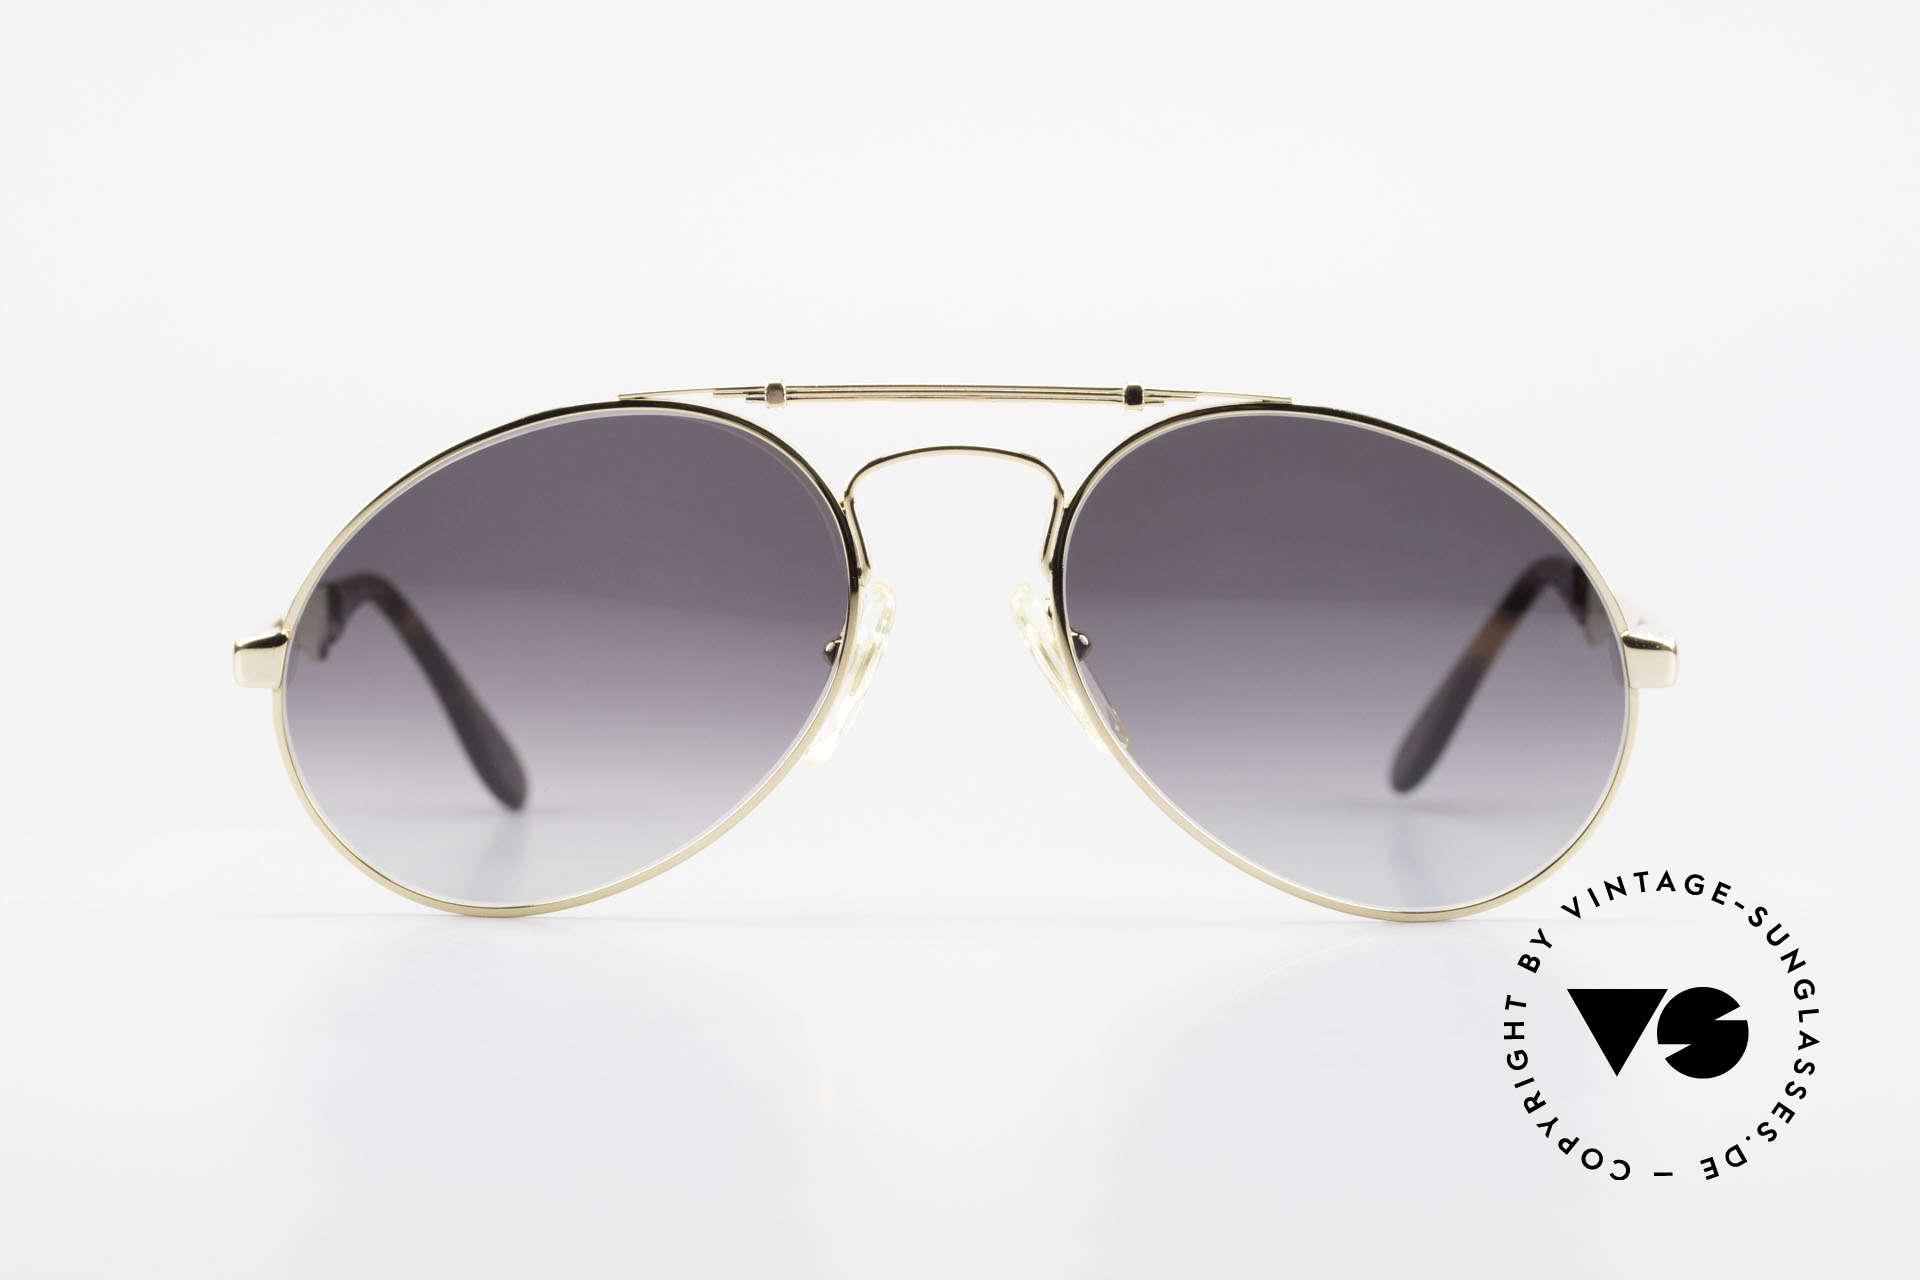 Bugatti 11911 80er Herren Luxus Sonnenbrille, der Bugatti-KLASSIKER in perfekter Vollendung, Passend für Herren